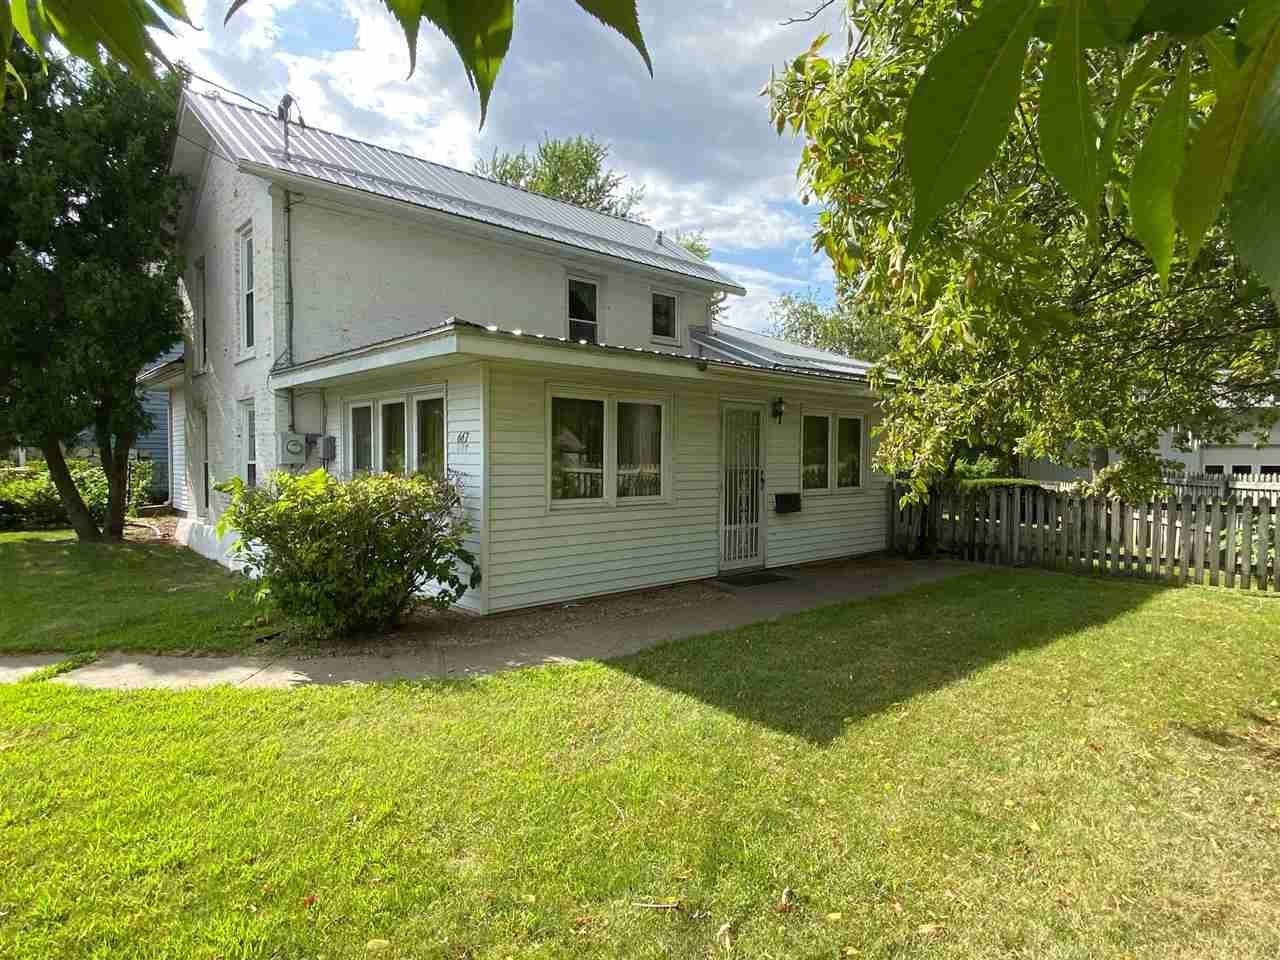 667 E Blackhawk Ave, Prairie du Chien, WI 53821 - #: 1889437